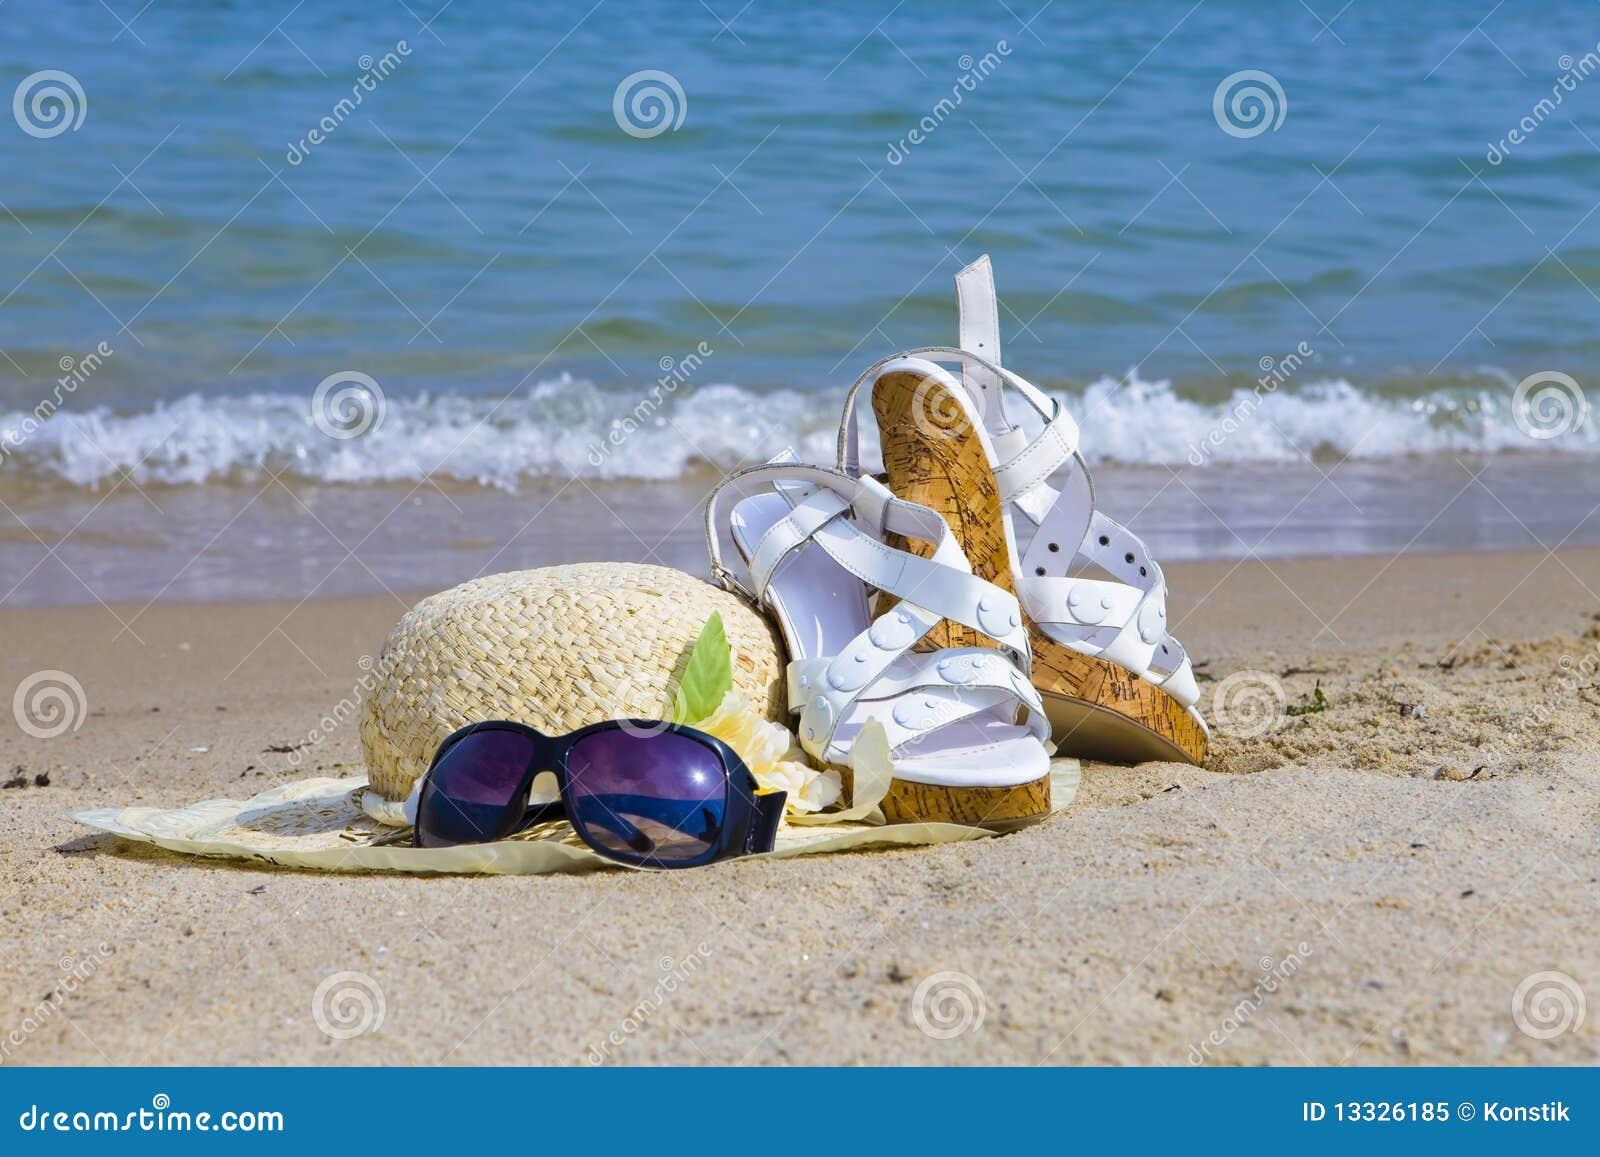 El sombrero de las gafas de sol, de paja y la sandalia ponen en la arena